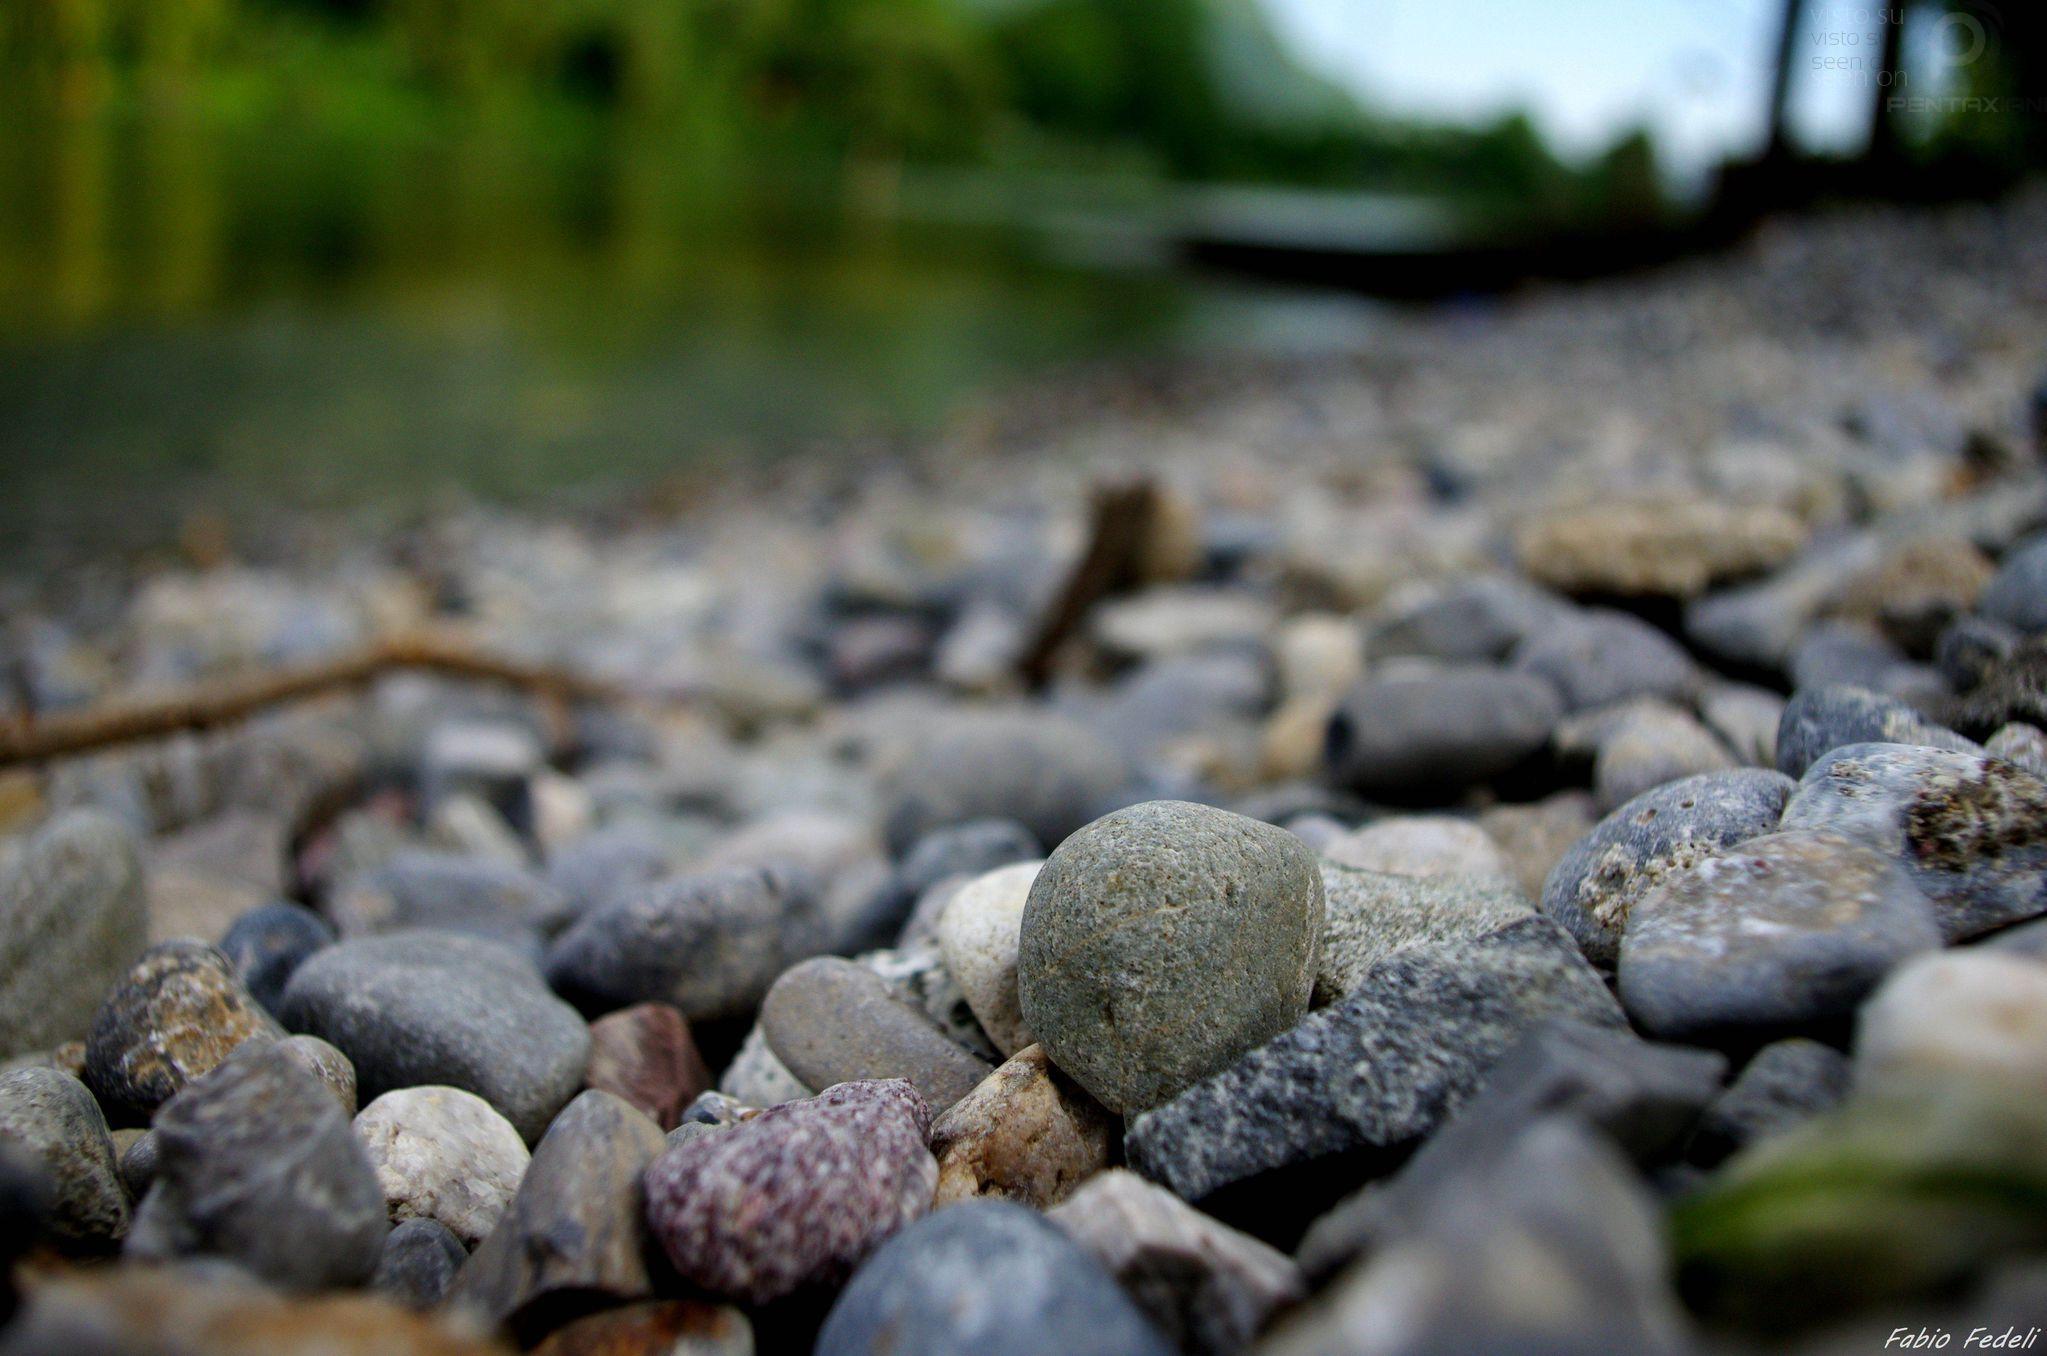 pentaxiani leggi argomento sassi di fiume